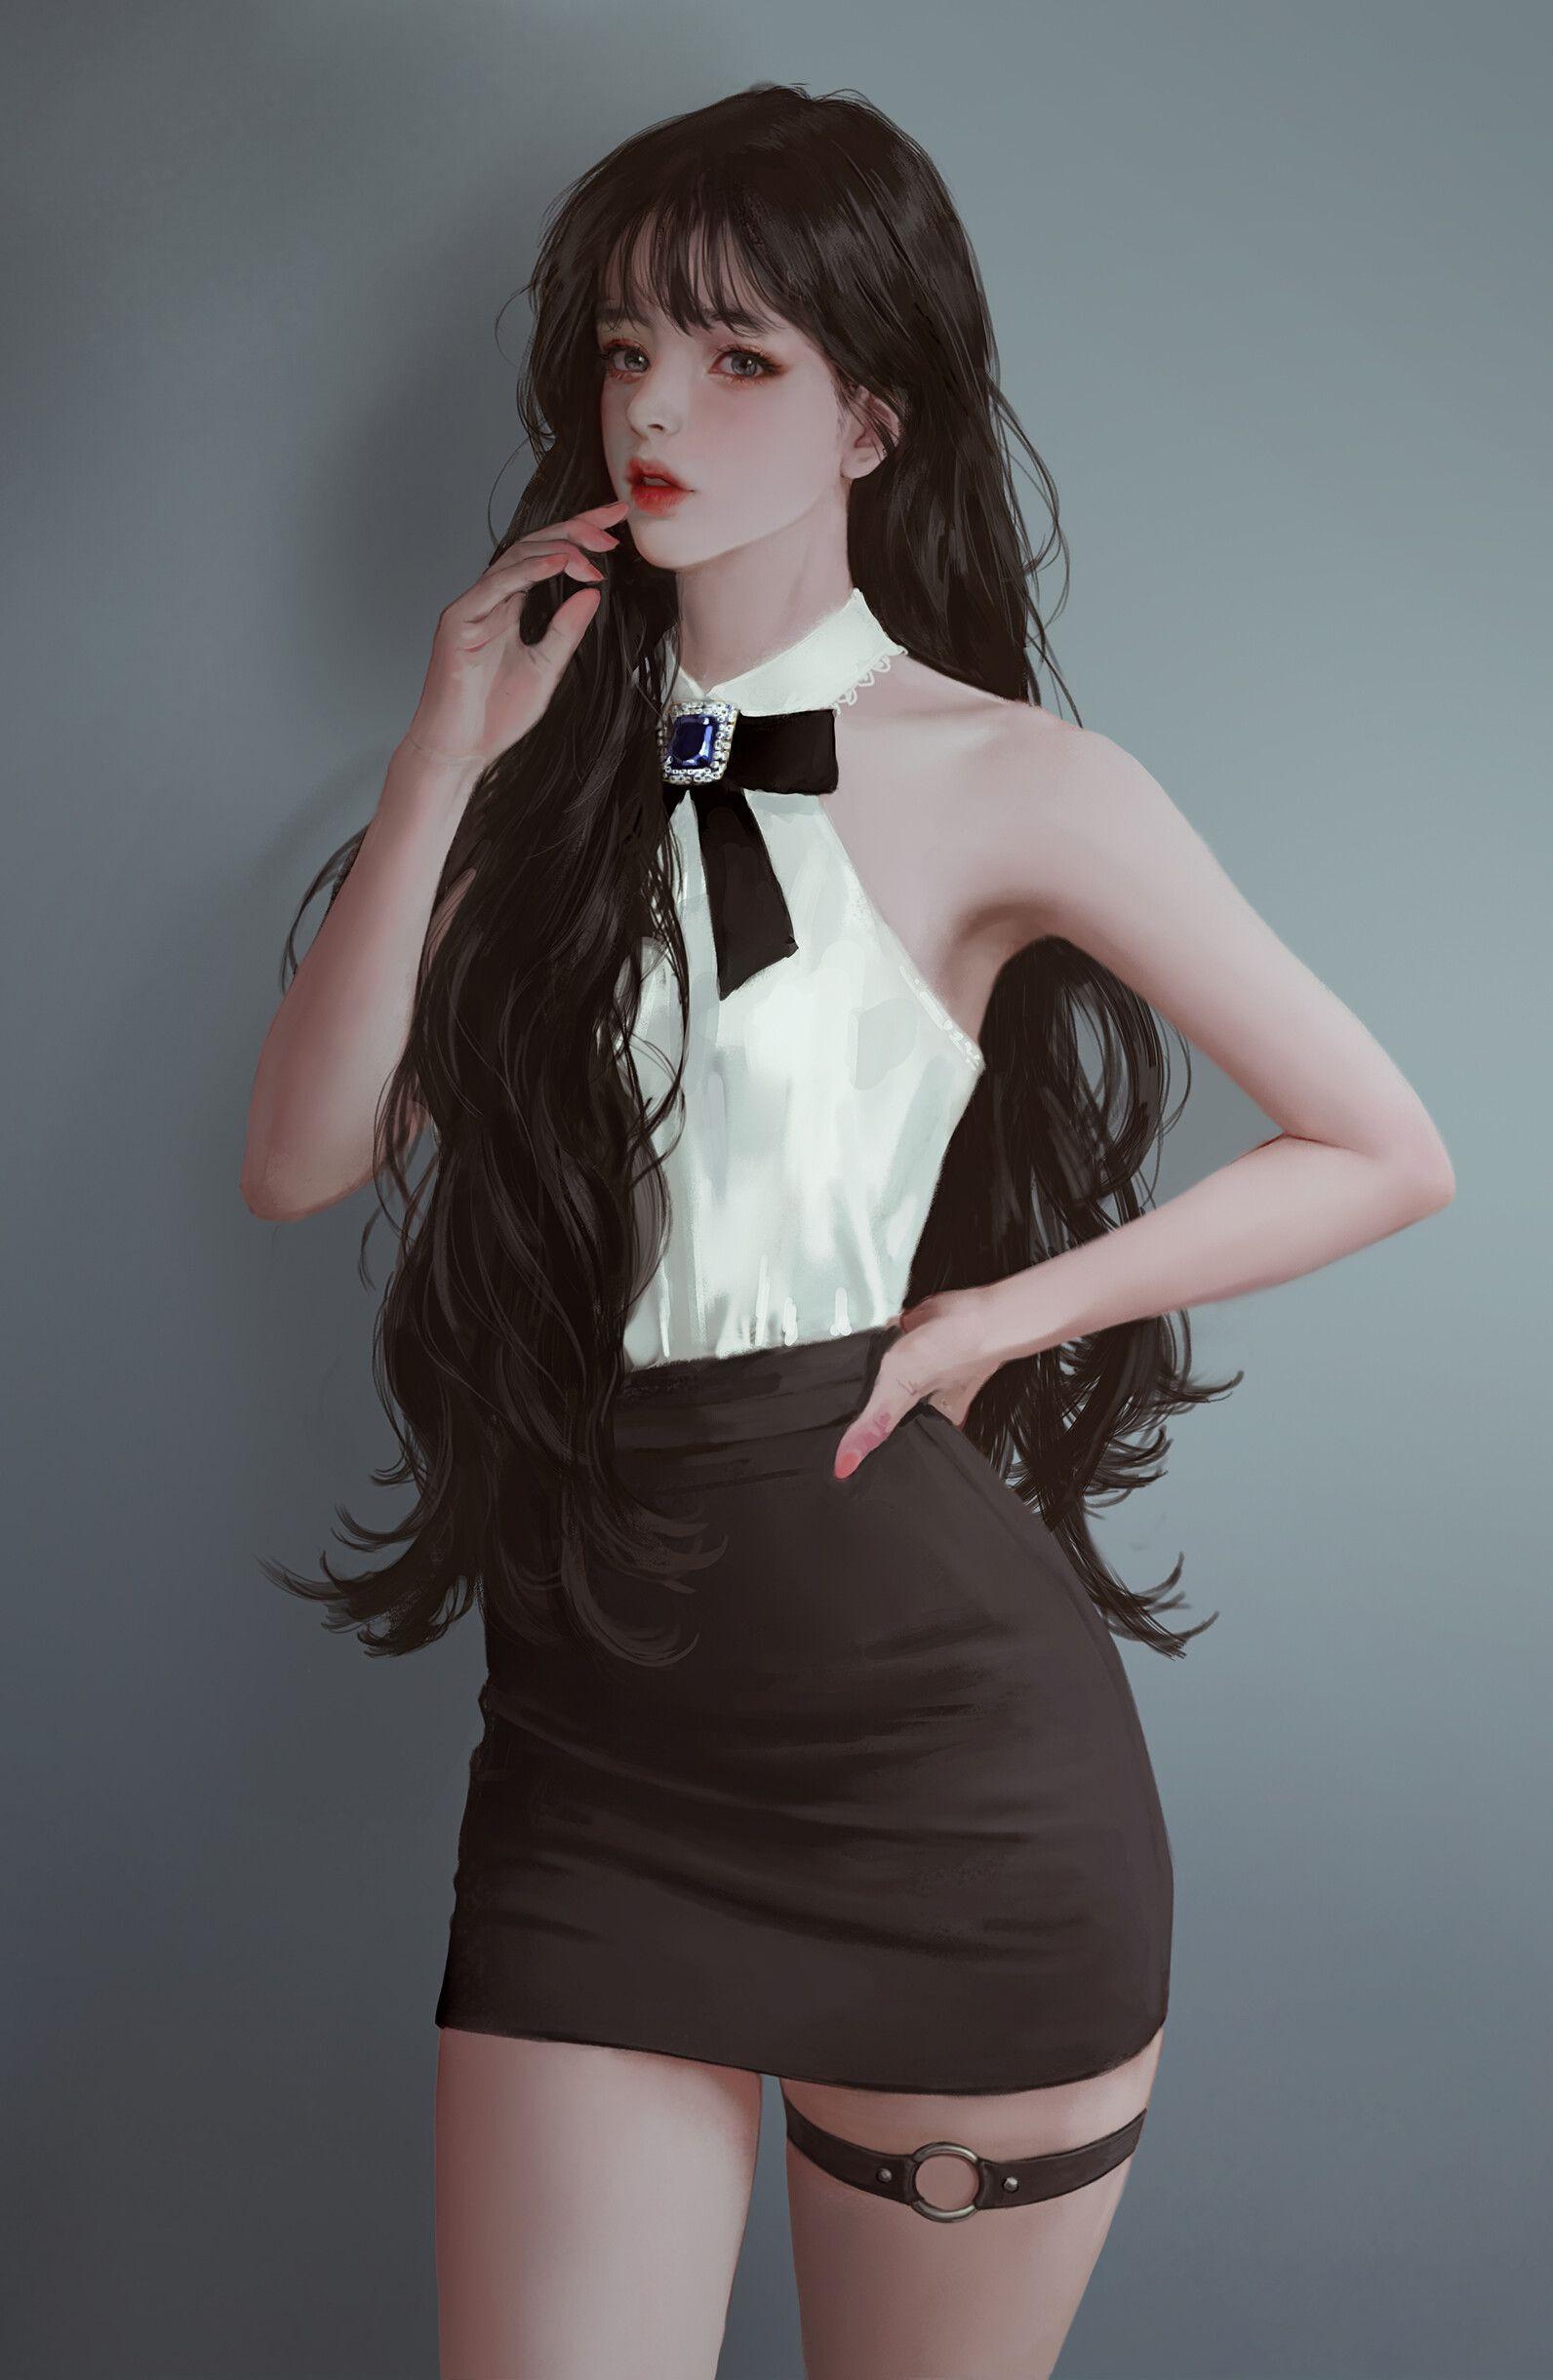 Девушка модель дизайна работы модельное агенство туймазы